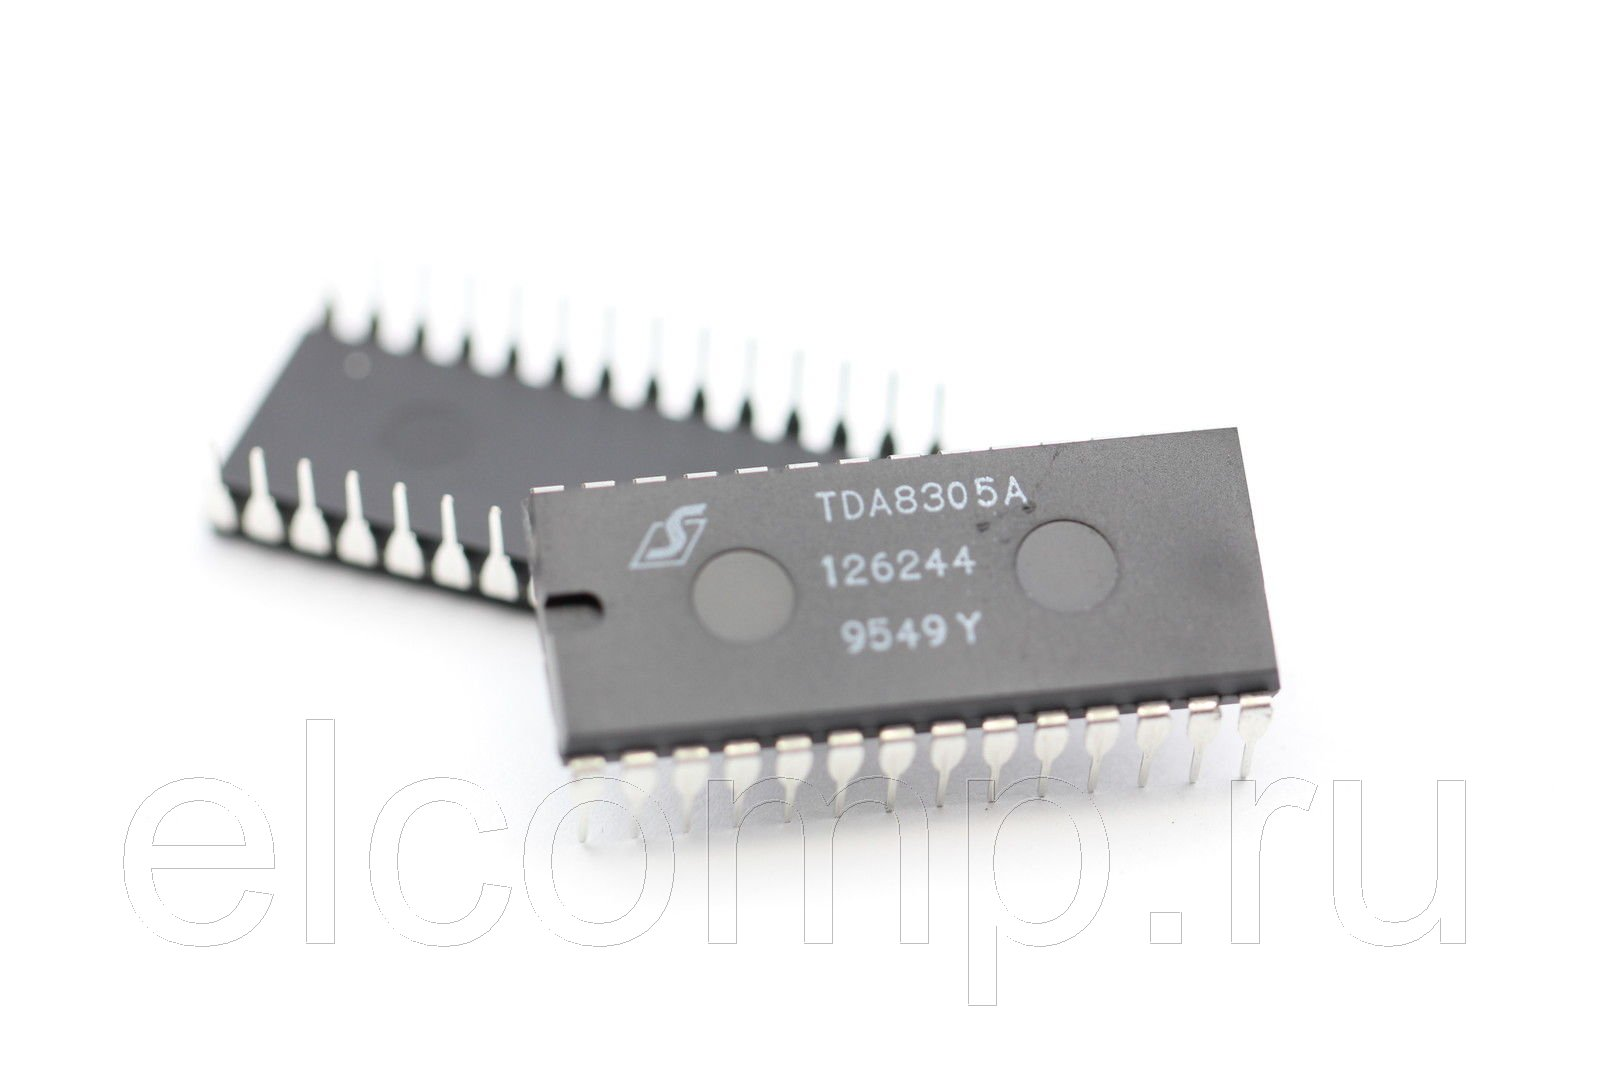 Tda8305